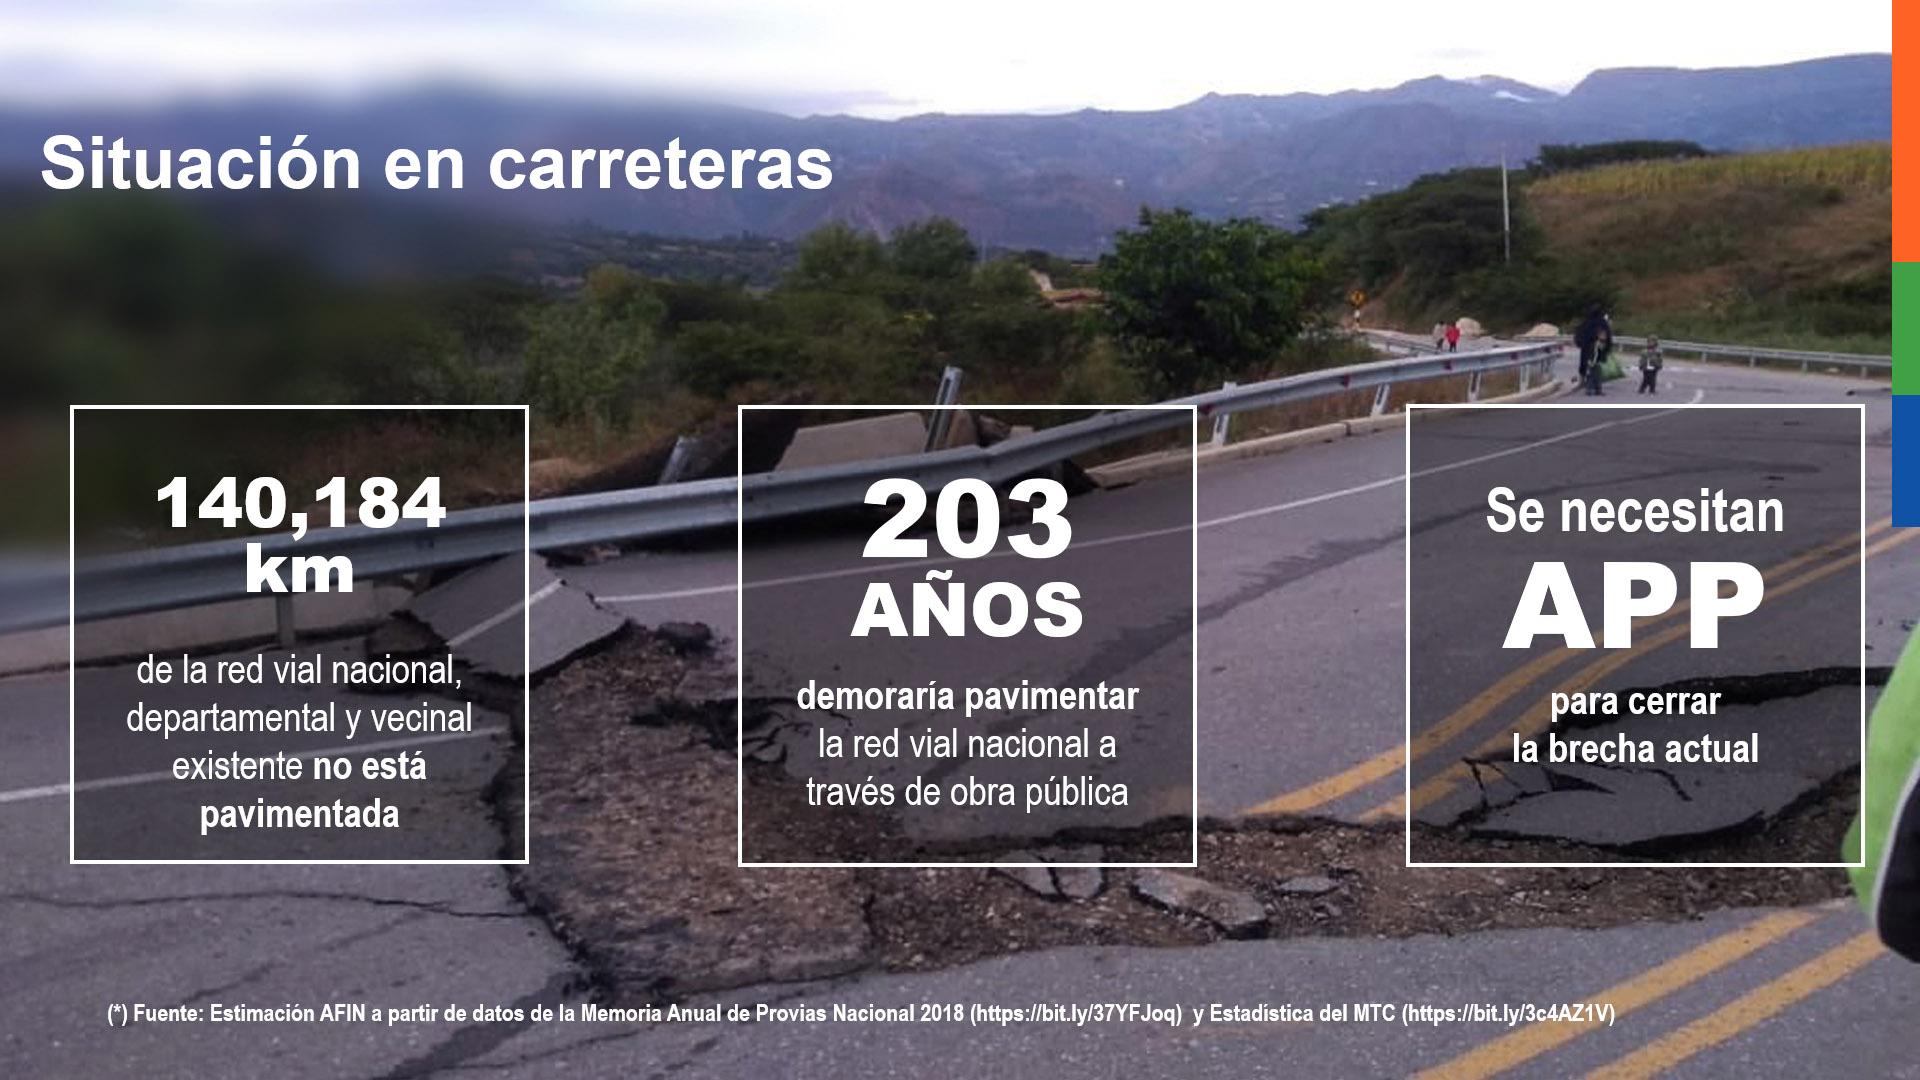 Situación en carreteras